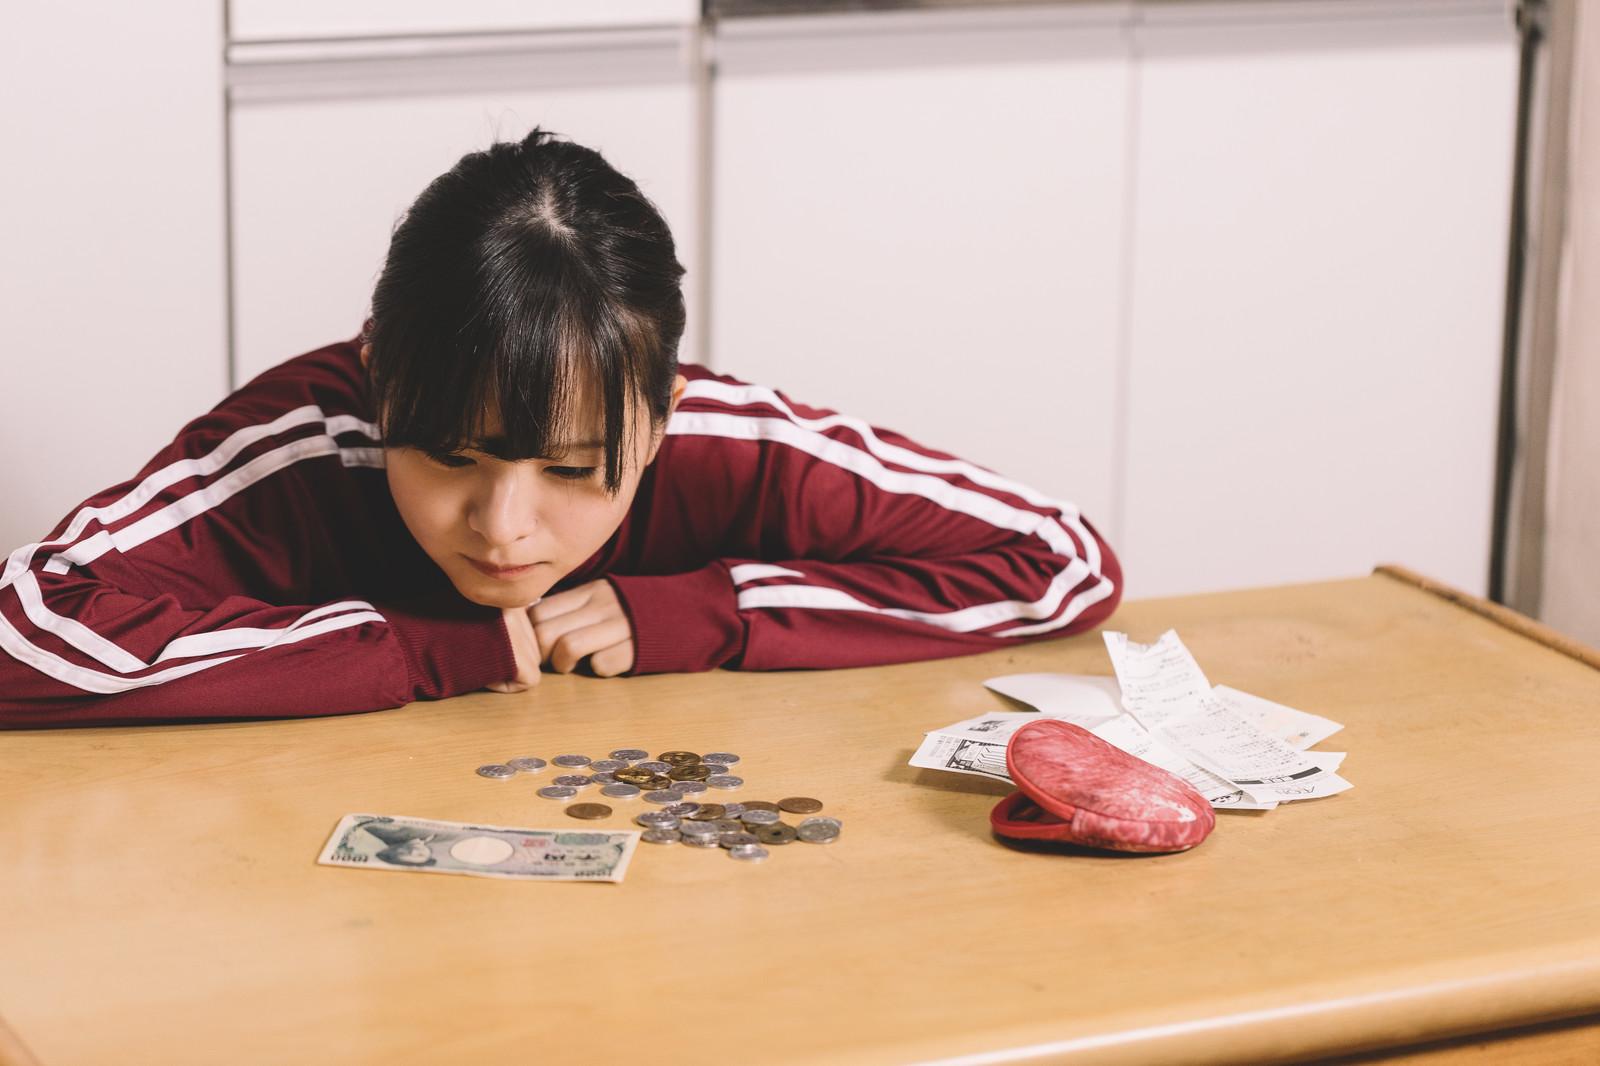 お札と小銭を数える少女